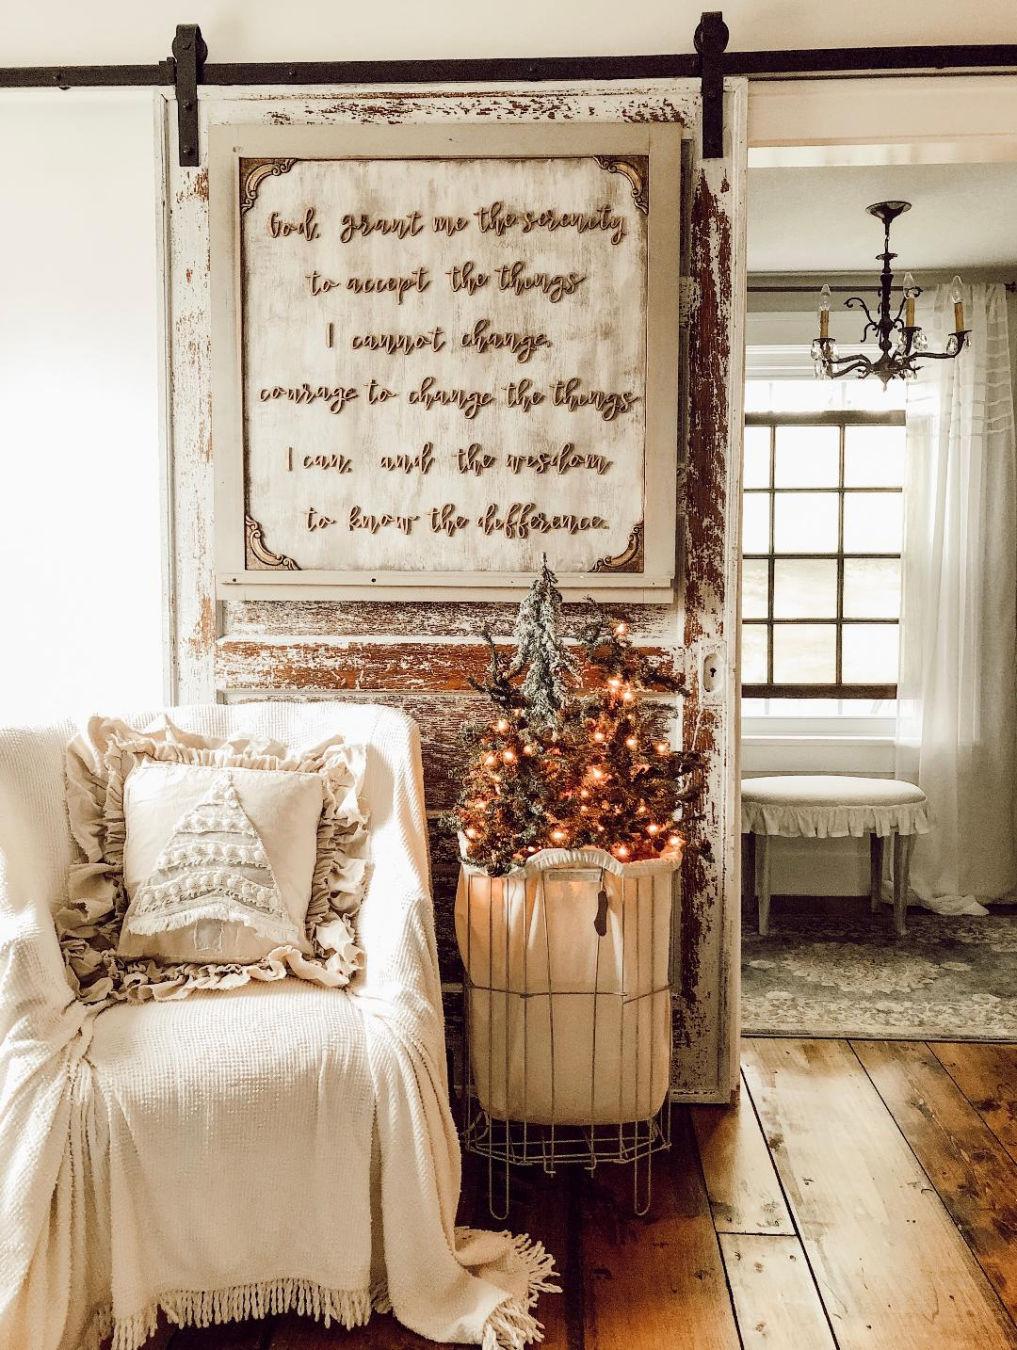 Farmhouse rolling barn door with art #farmhousedecor #barndoor #christmasdecor #vintagechristmas #farmhousechristmas